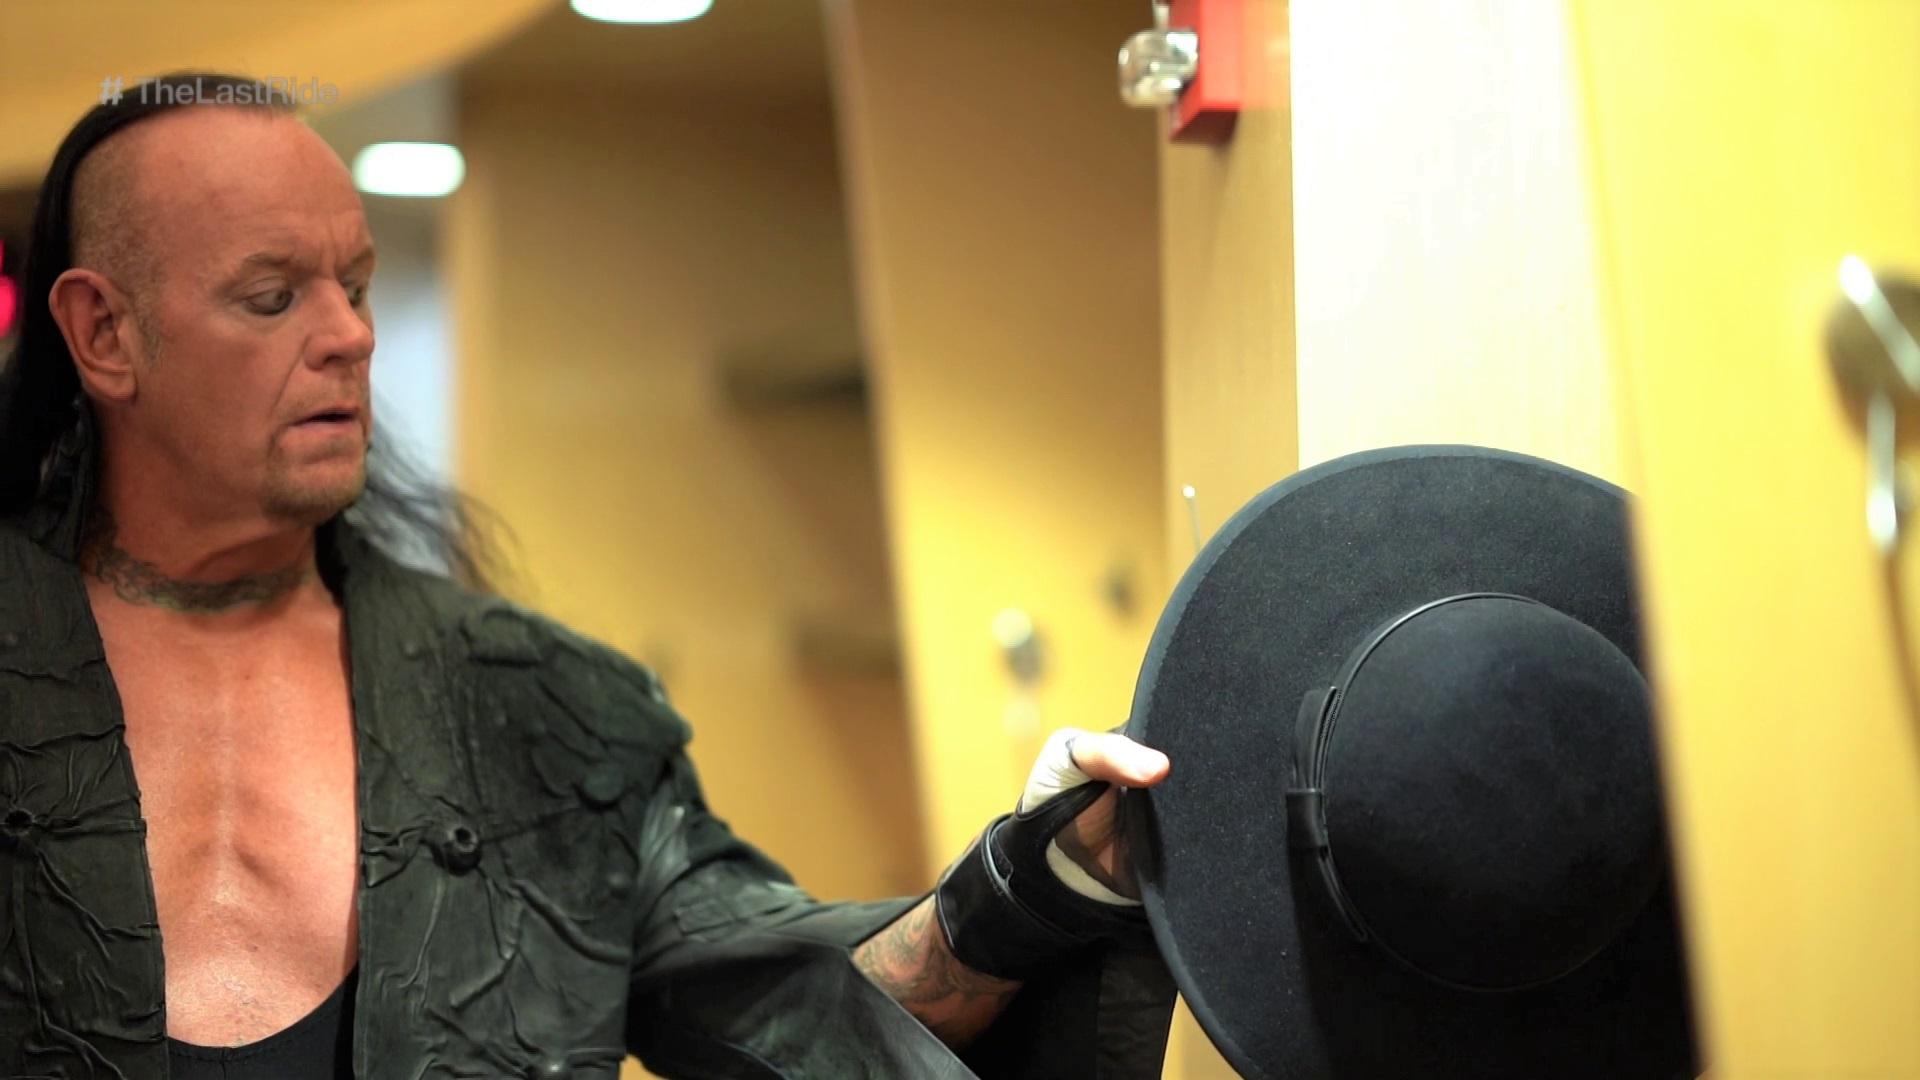 Tras el documental 'The Last Ride', Undertaker corrobora que no está retirado | | Superluchas